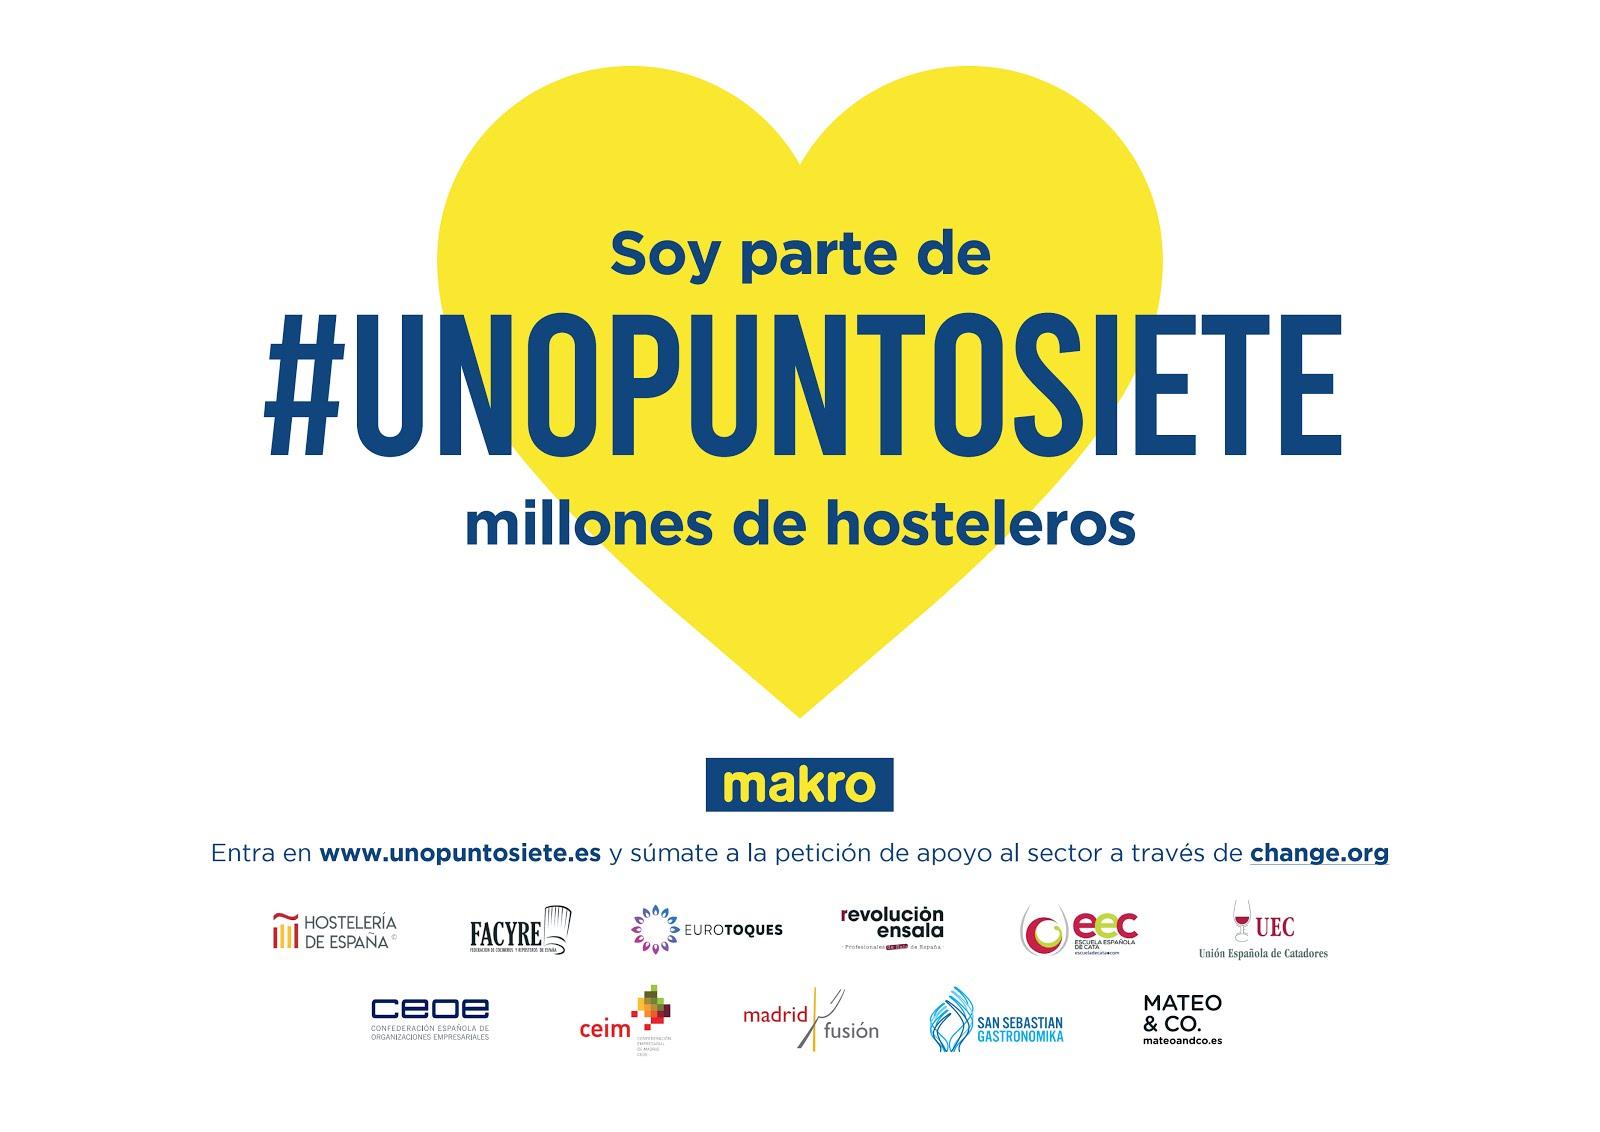 Soy partede #UNOPUNTOSIETE millones de hosteleros